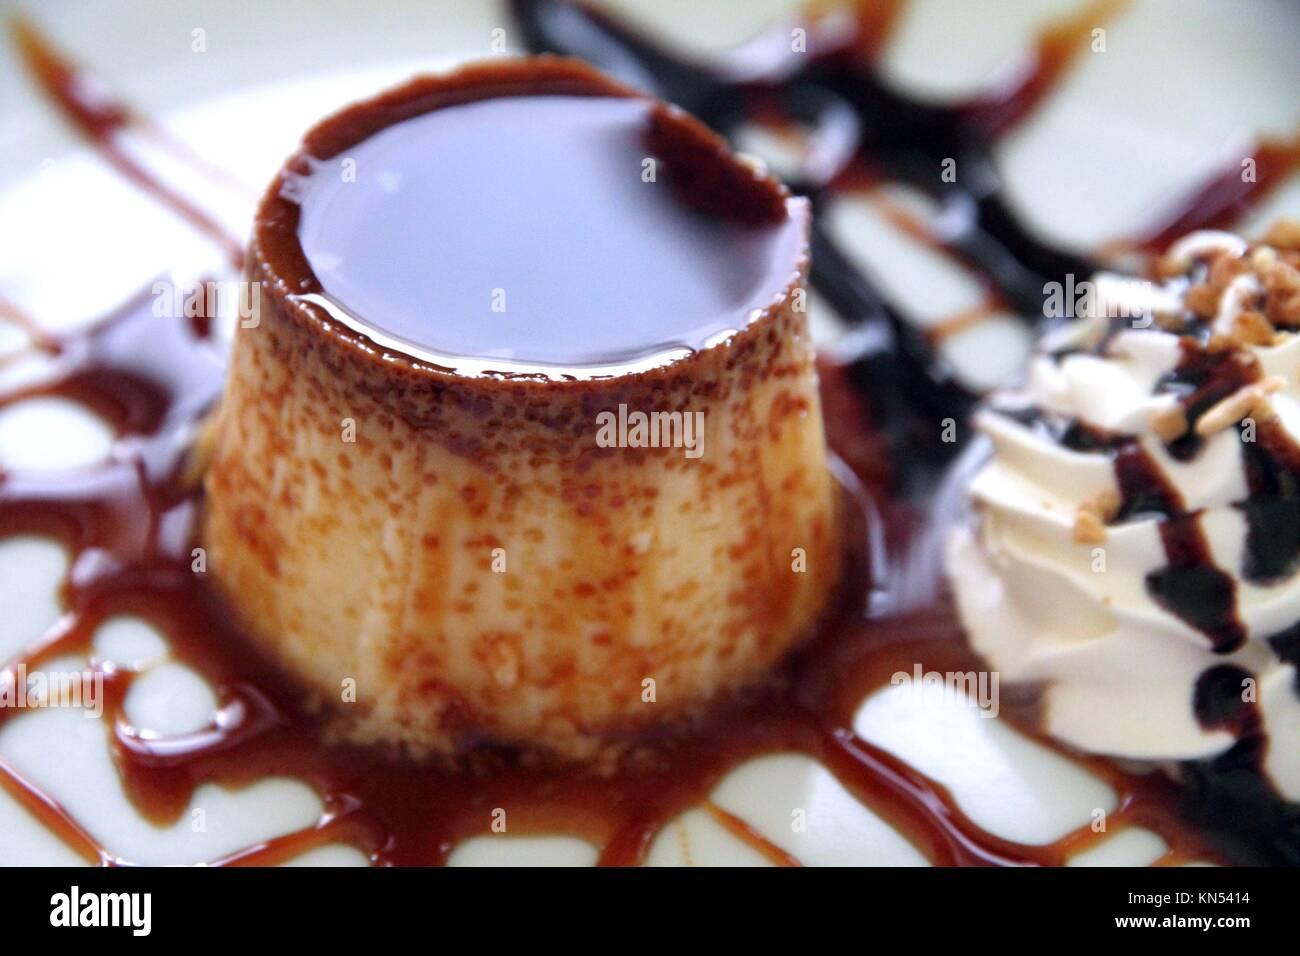 Flan caramel avec de la crème sur une assiette dessert l'Espagne. Banque D'Images